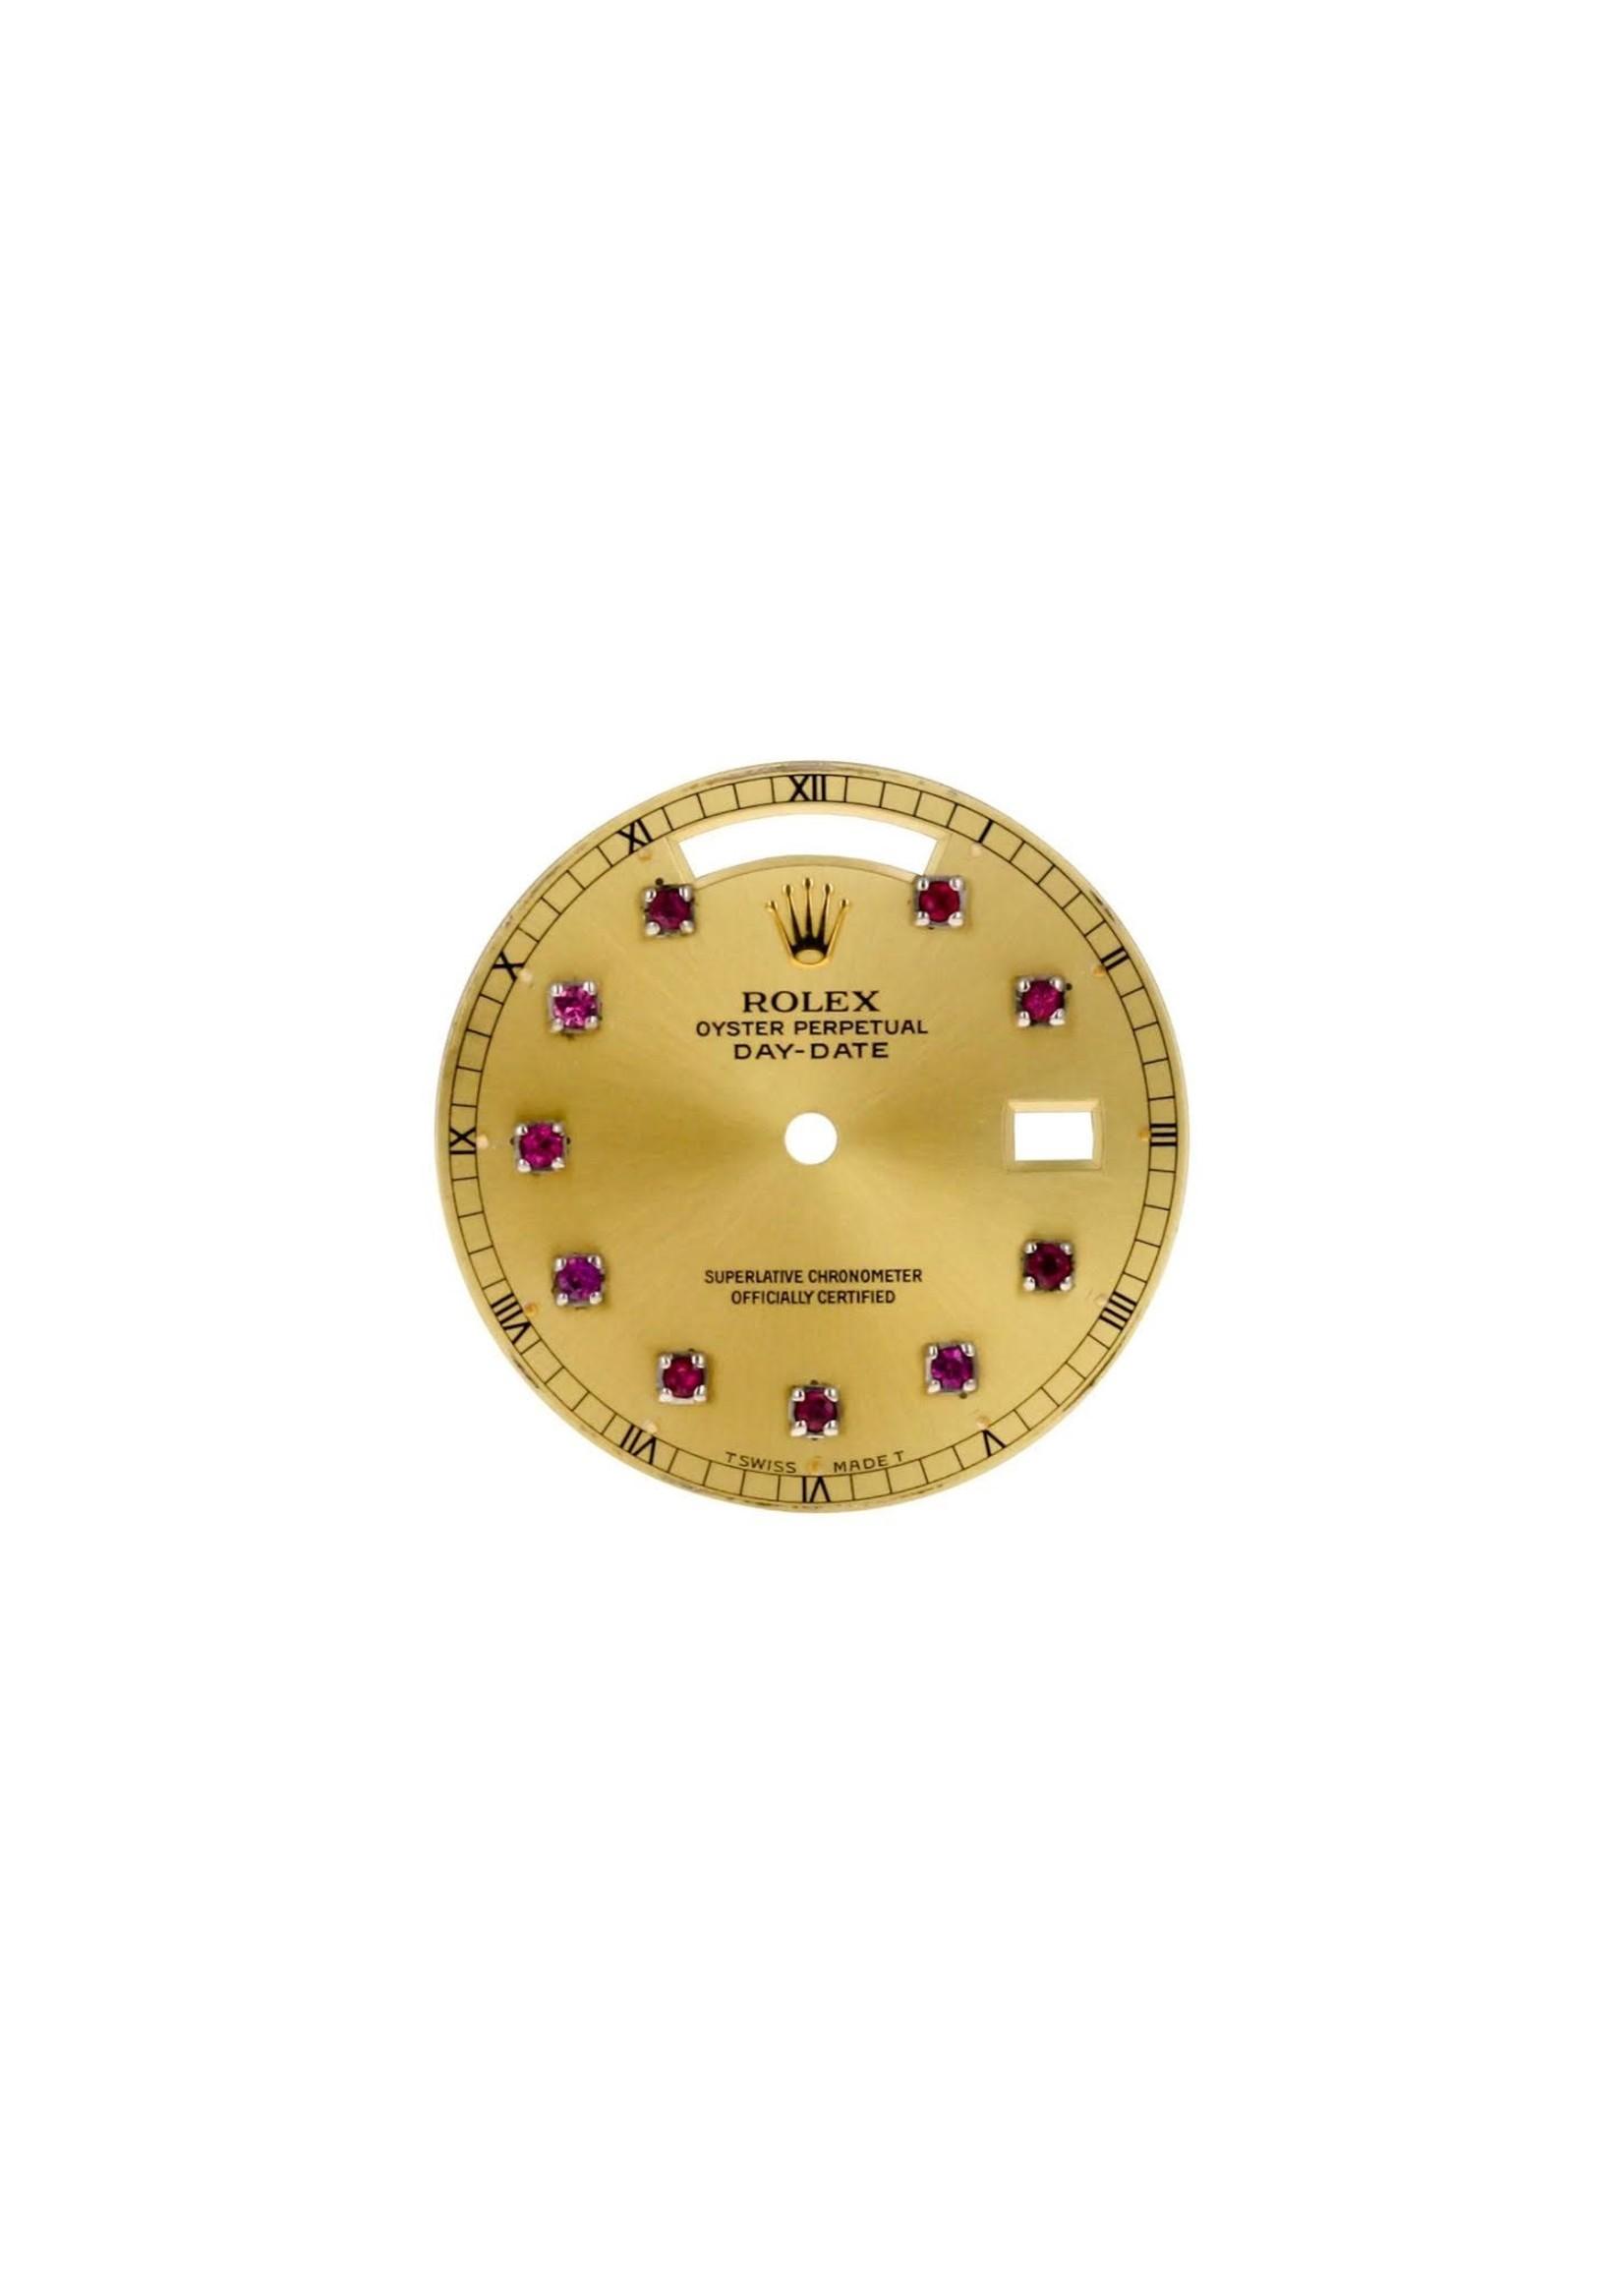 Rolex CUSTOM ROLEX DAY DATE 36MM RUBY DIAL